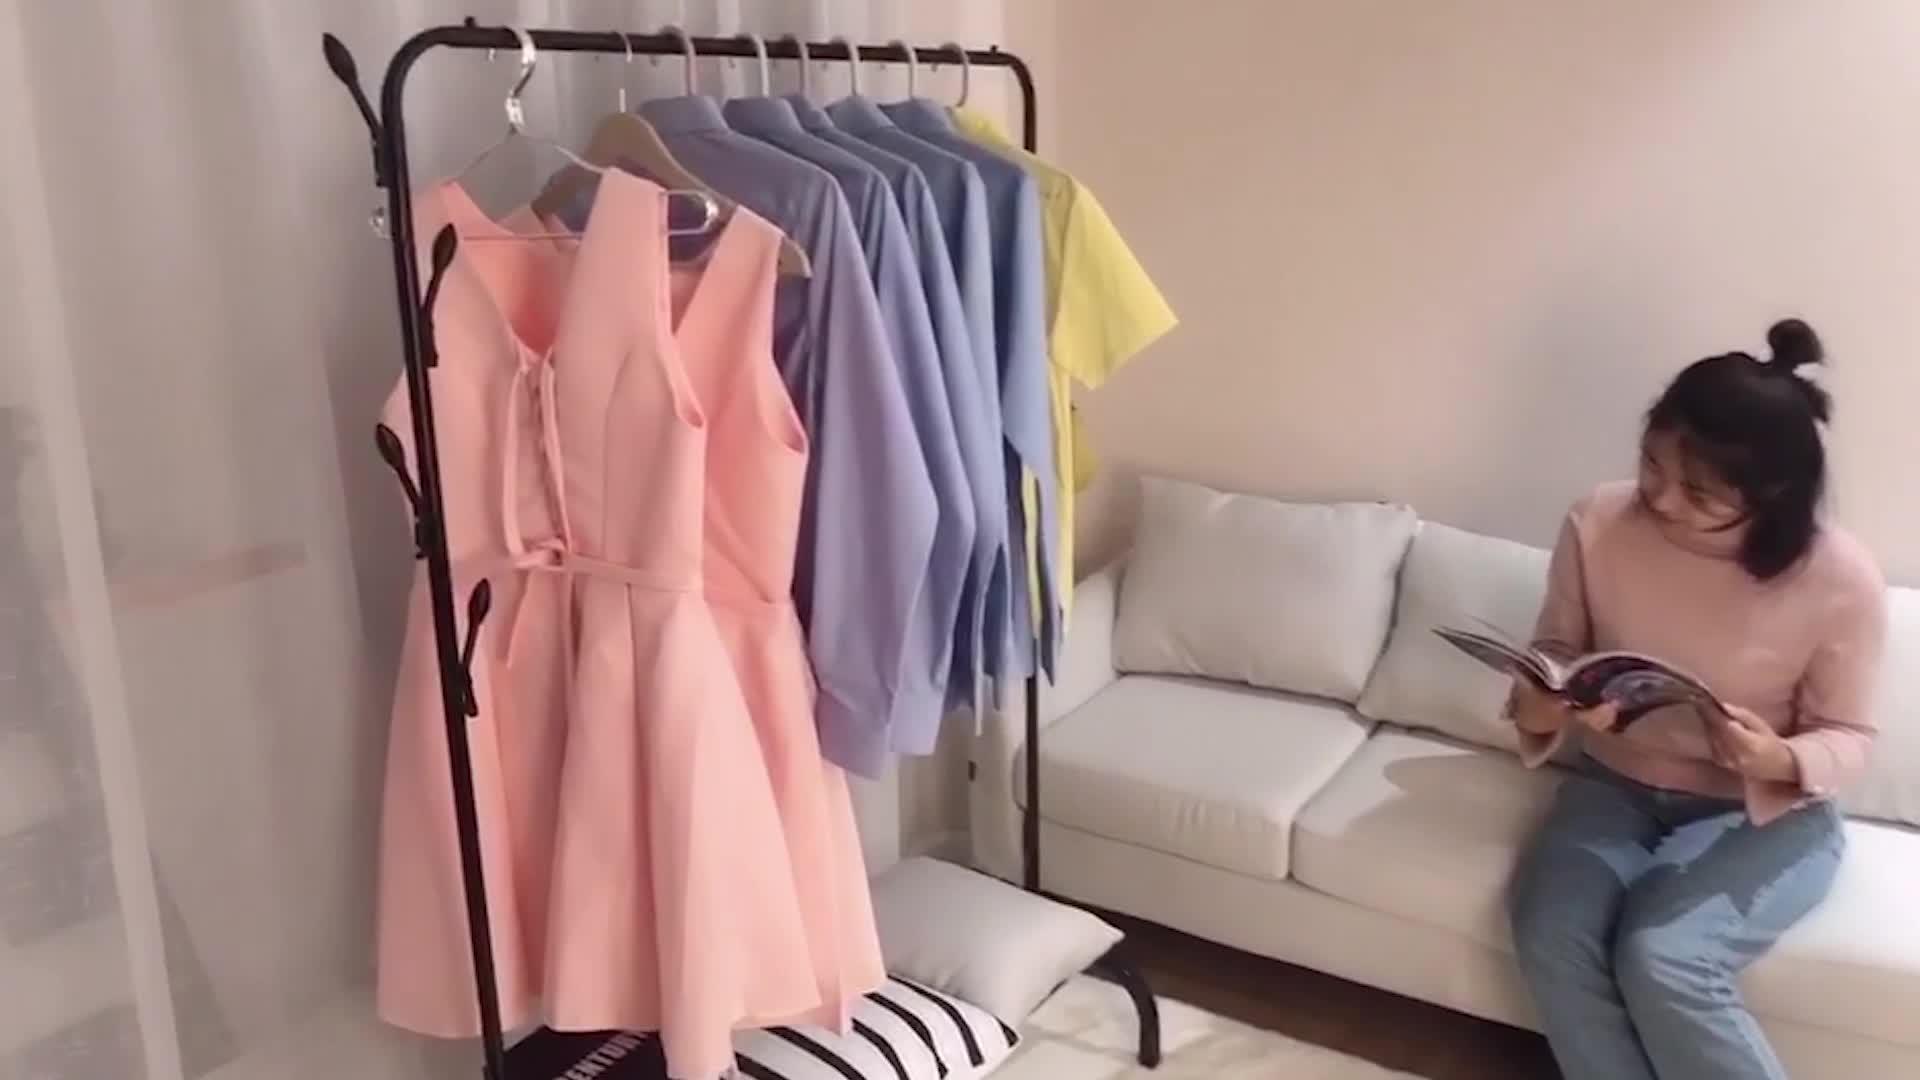 Appendiabiti asciugare i vestiti cremagliera per i vestiti essiccatori panno dryer basamento modello WN-1105G